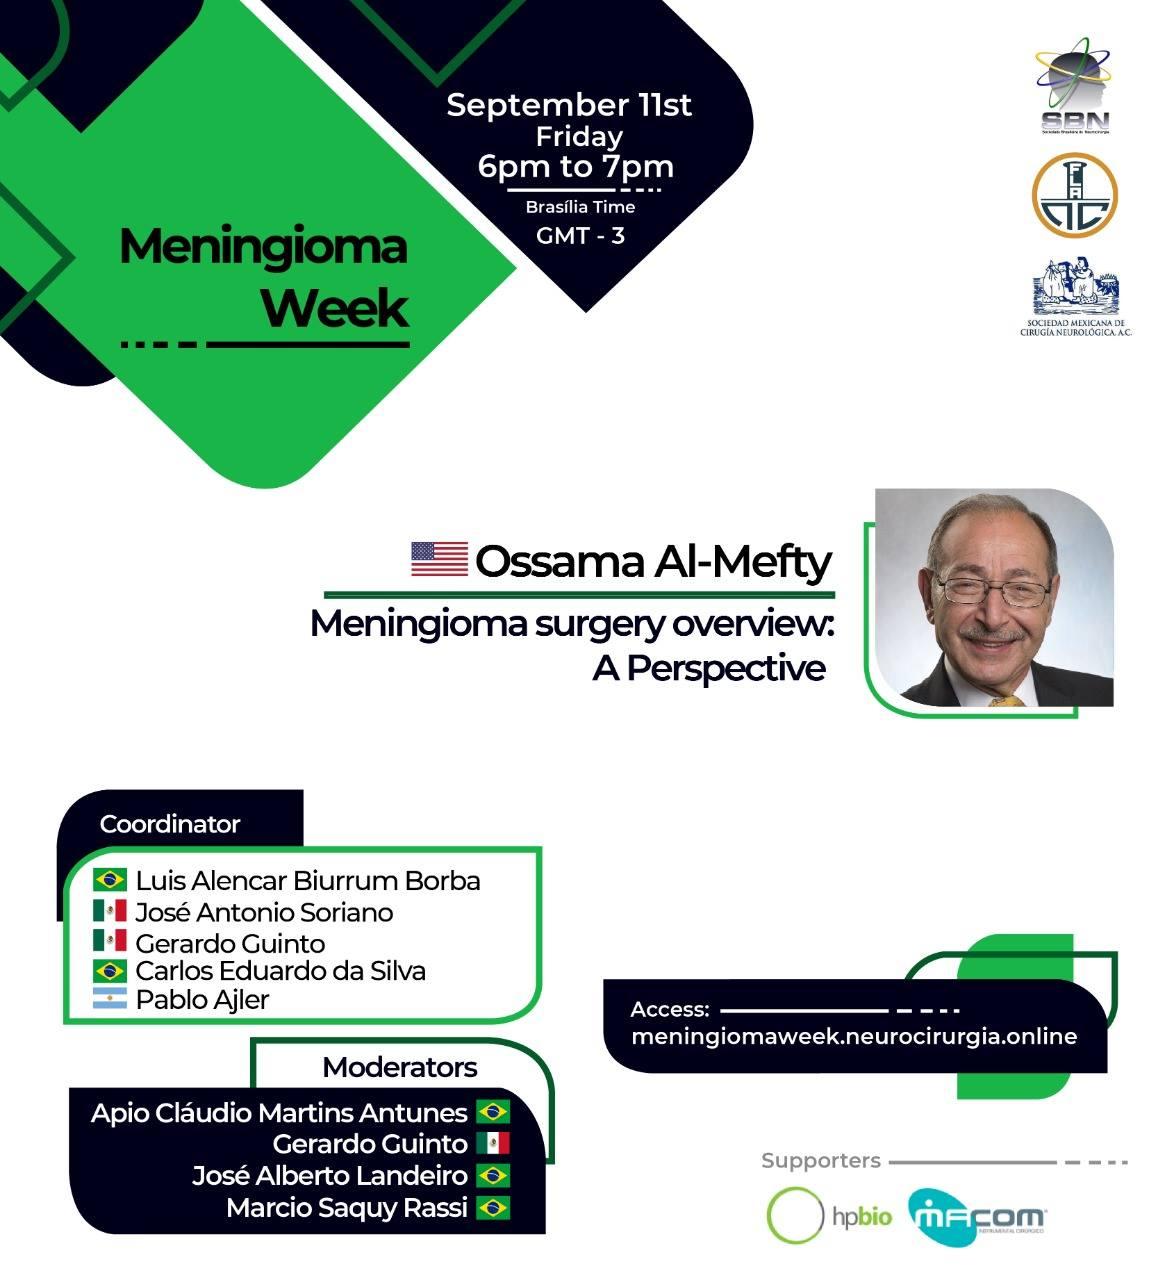 NOW LIVE, Brazil Neurosurgery Society presents Ossama Al Mefty MD